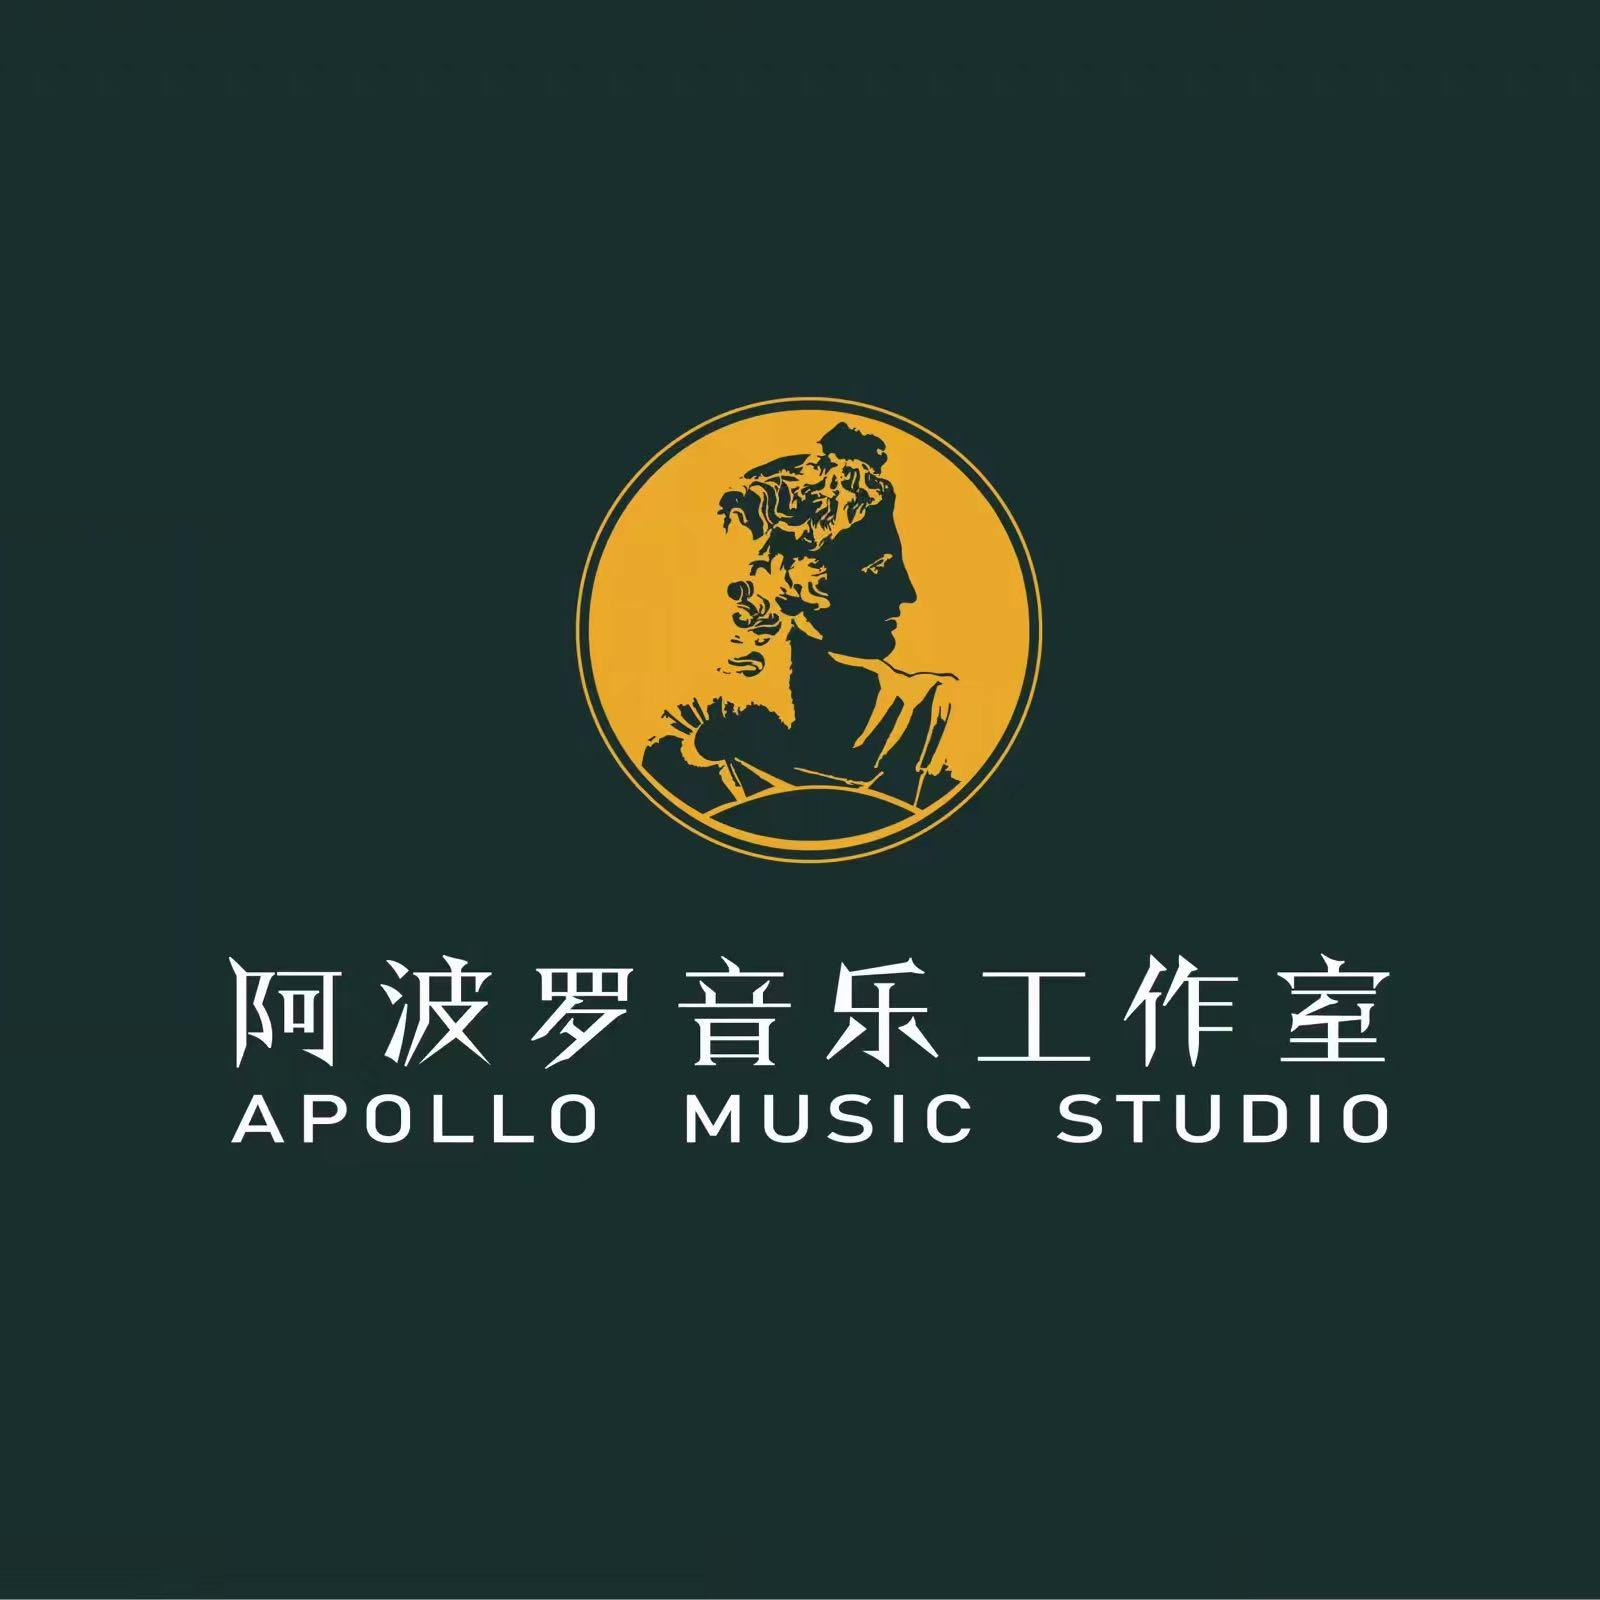 提供最专业的乐器教学,让音乐与灵魂同伴。